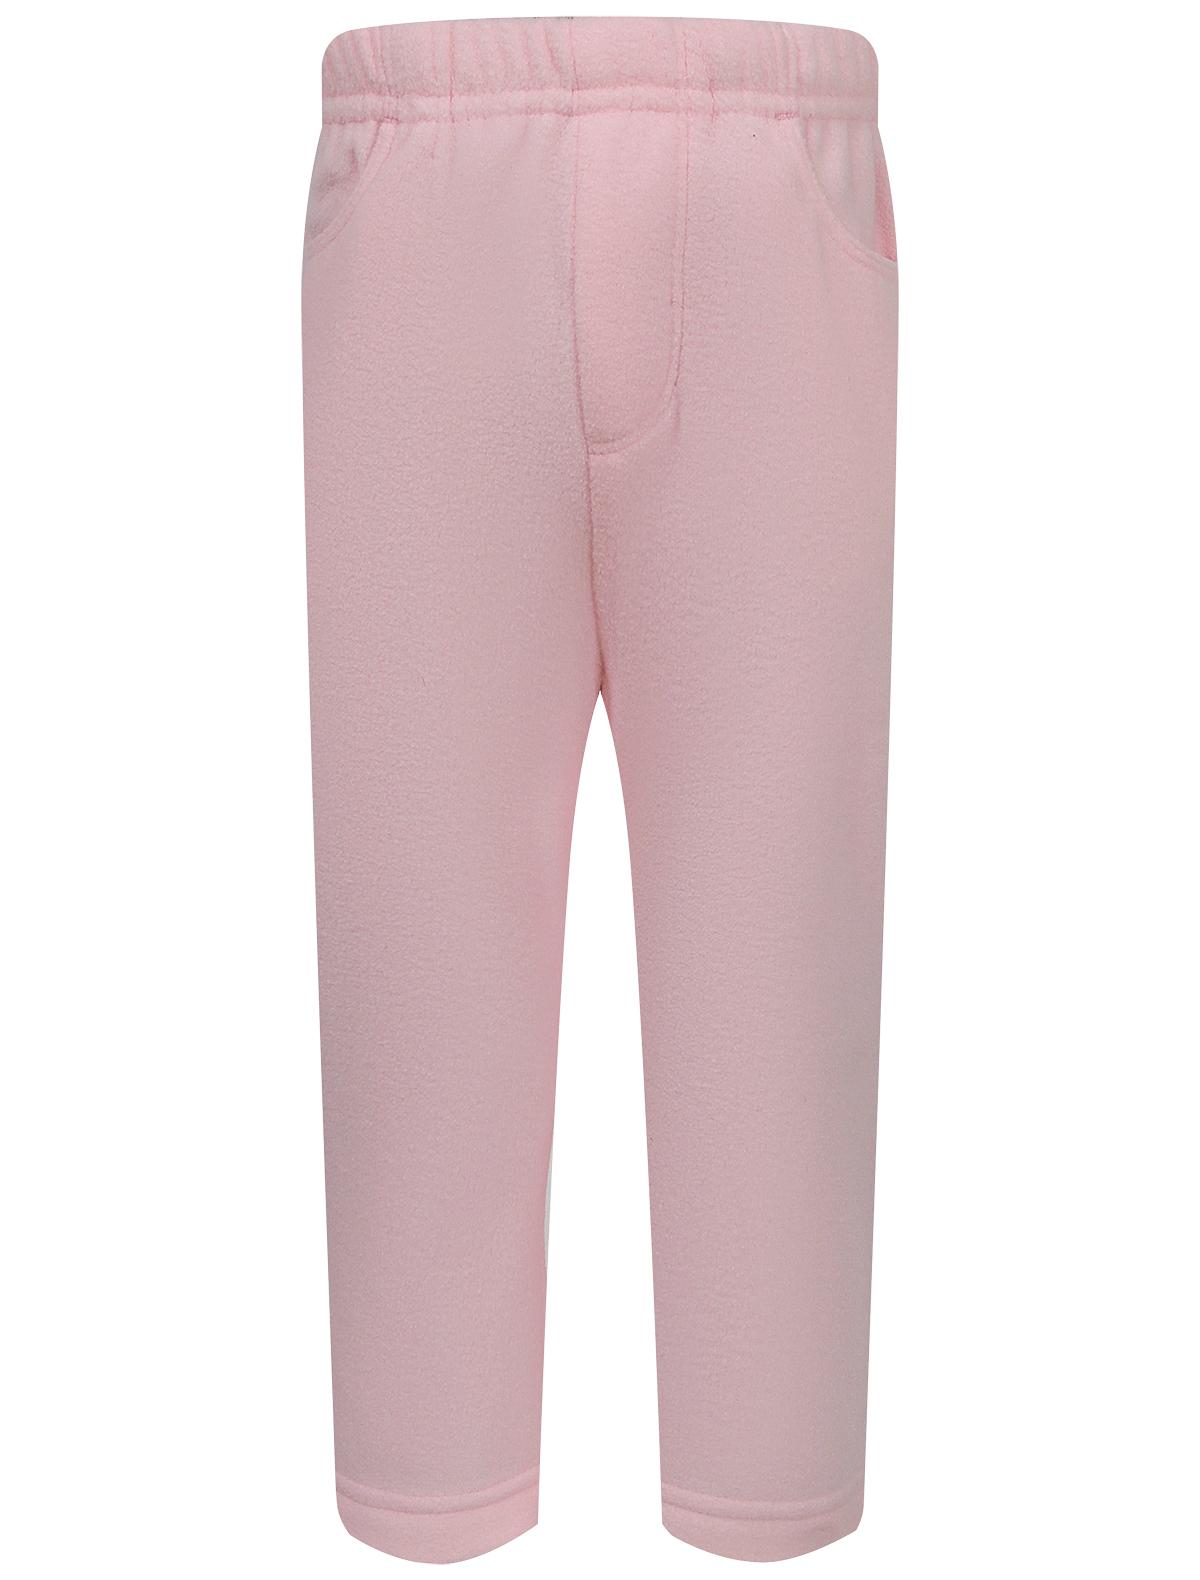 Купить 2136401, Брюки POIVRE BLANC, розовый, Женский, 1082609980258